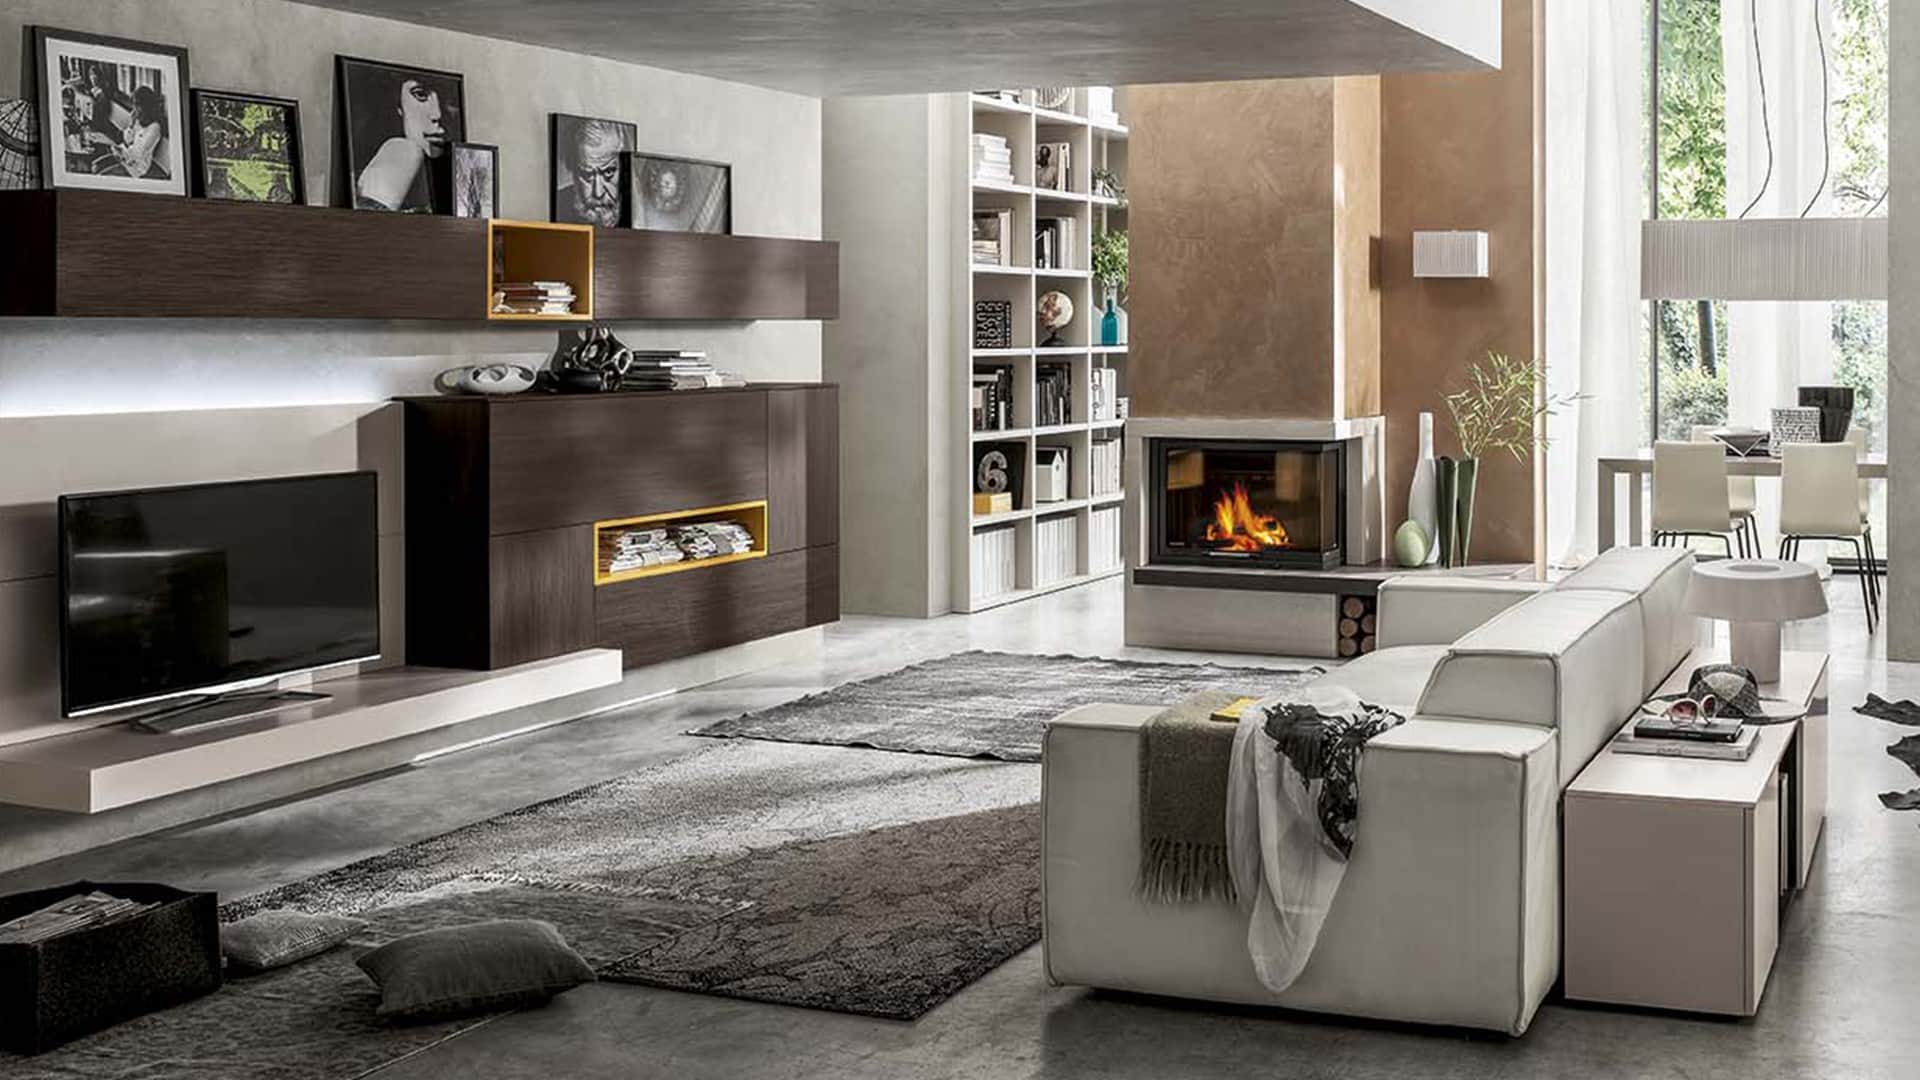 Vendita di mobili per soggiorno a padova mobili da for Arredamento marino per casa